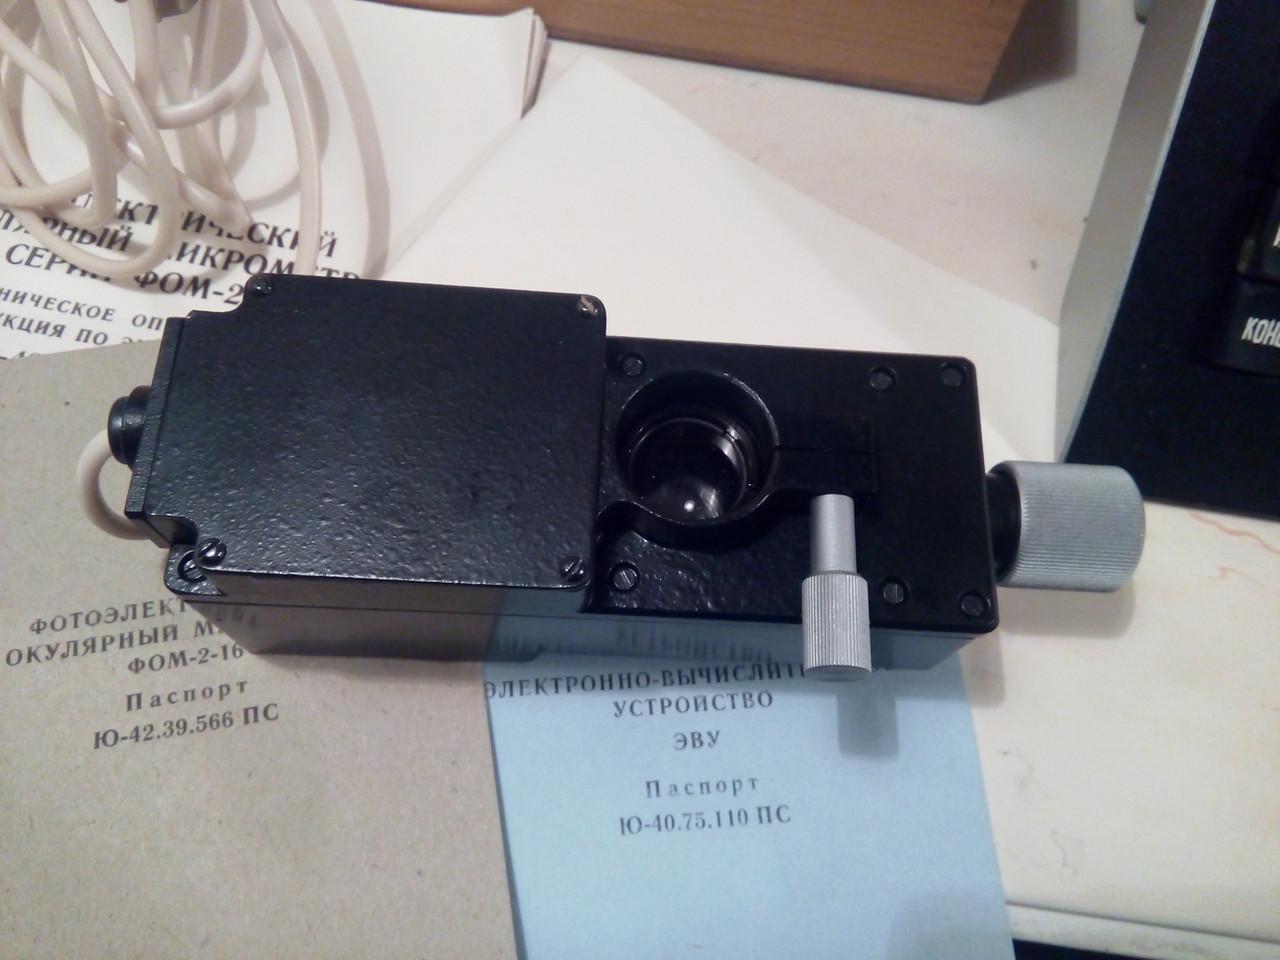 Фотоэлектрический окулярный микрометр ФОМ-2-16 с ЭВУ и принтером(Возможна калибровка в УкрЦСМ), фото 1